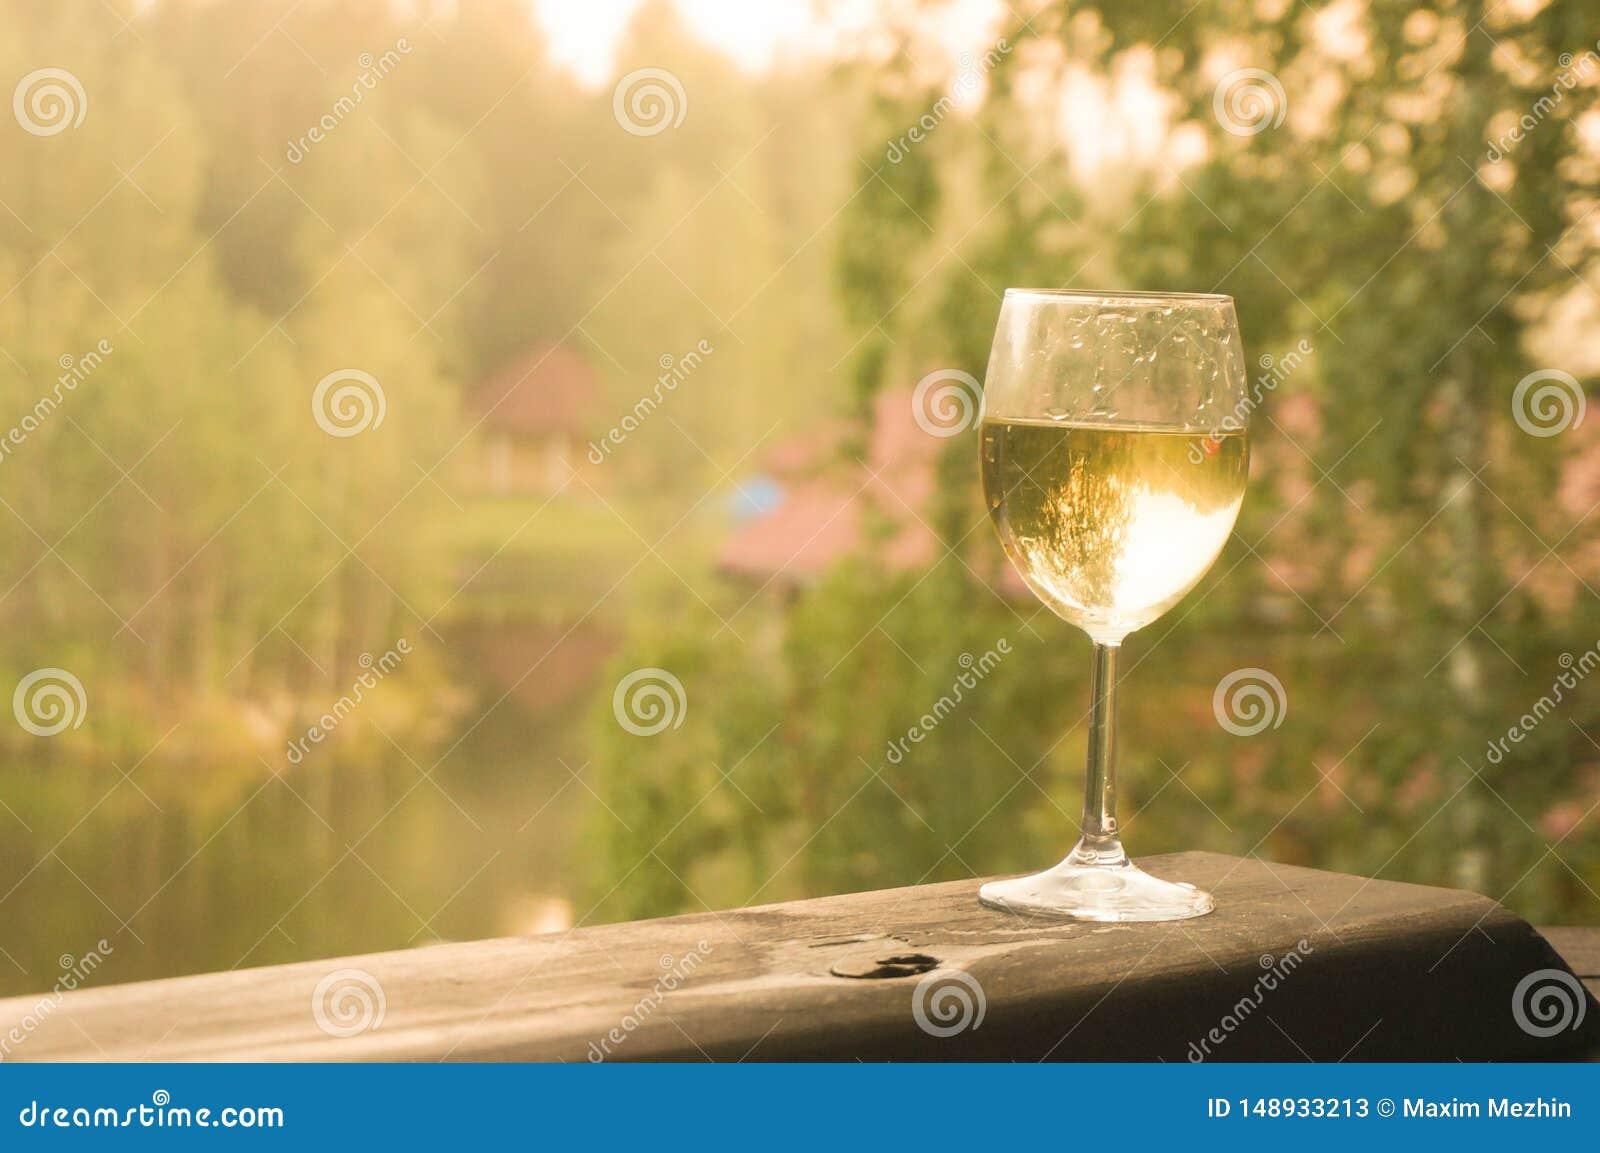 Ποτήρι του άσπρου κρασιού σε ένα πράσινο υπόβαθρο του δάσους